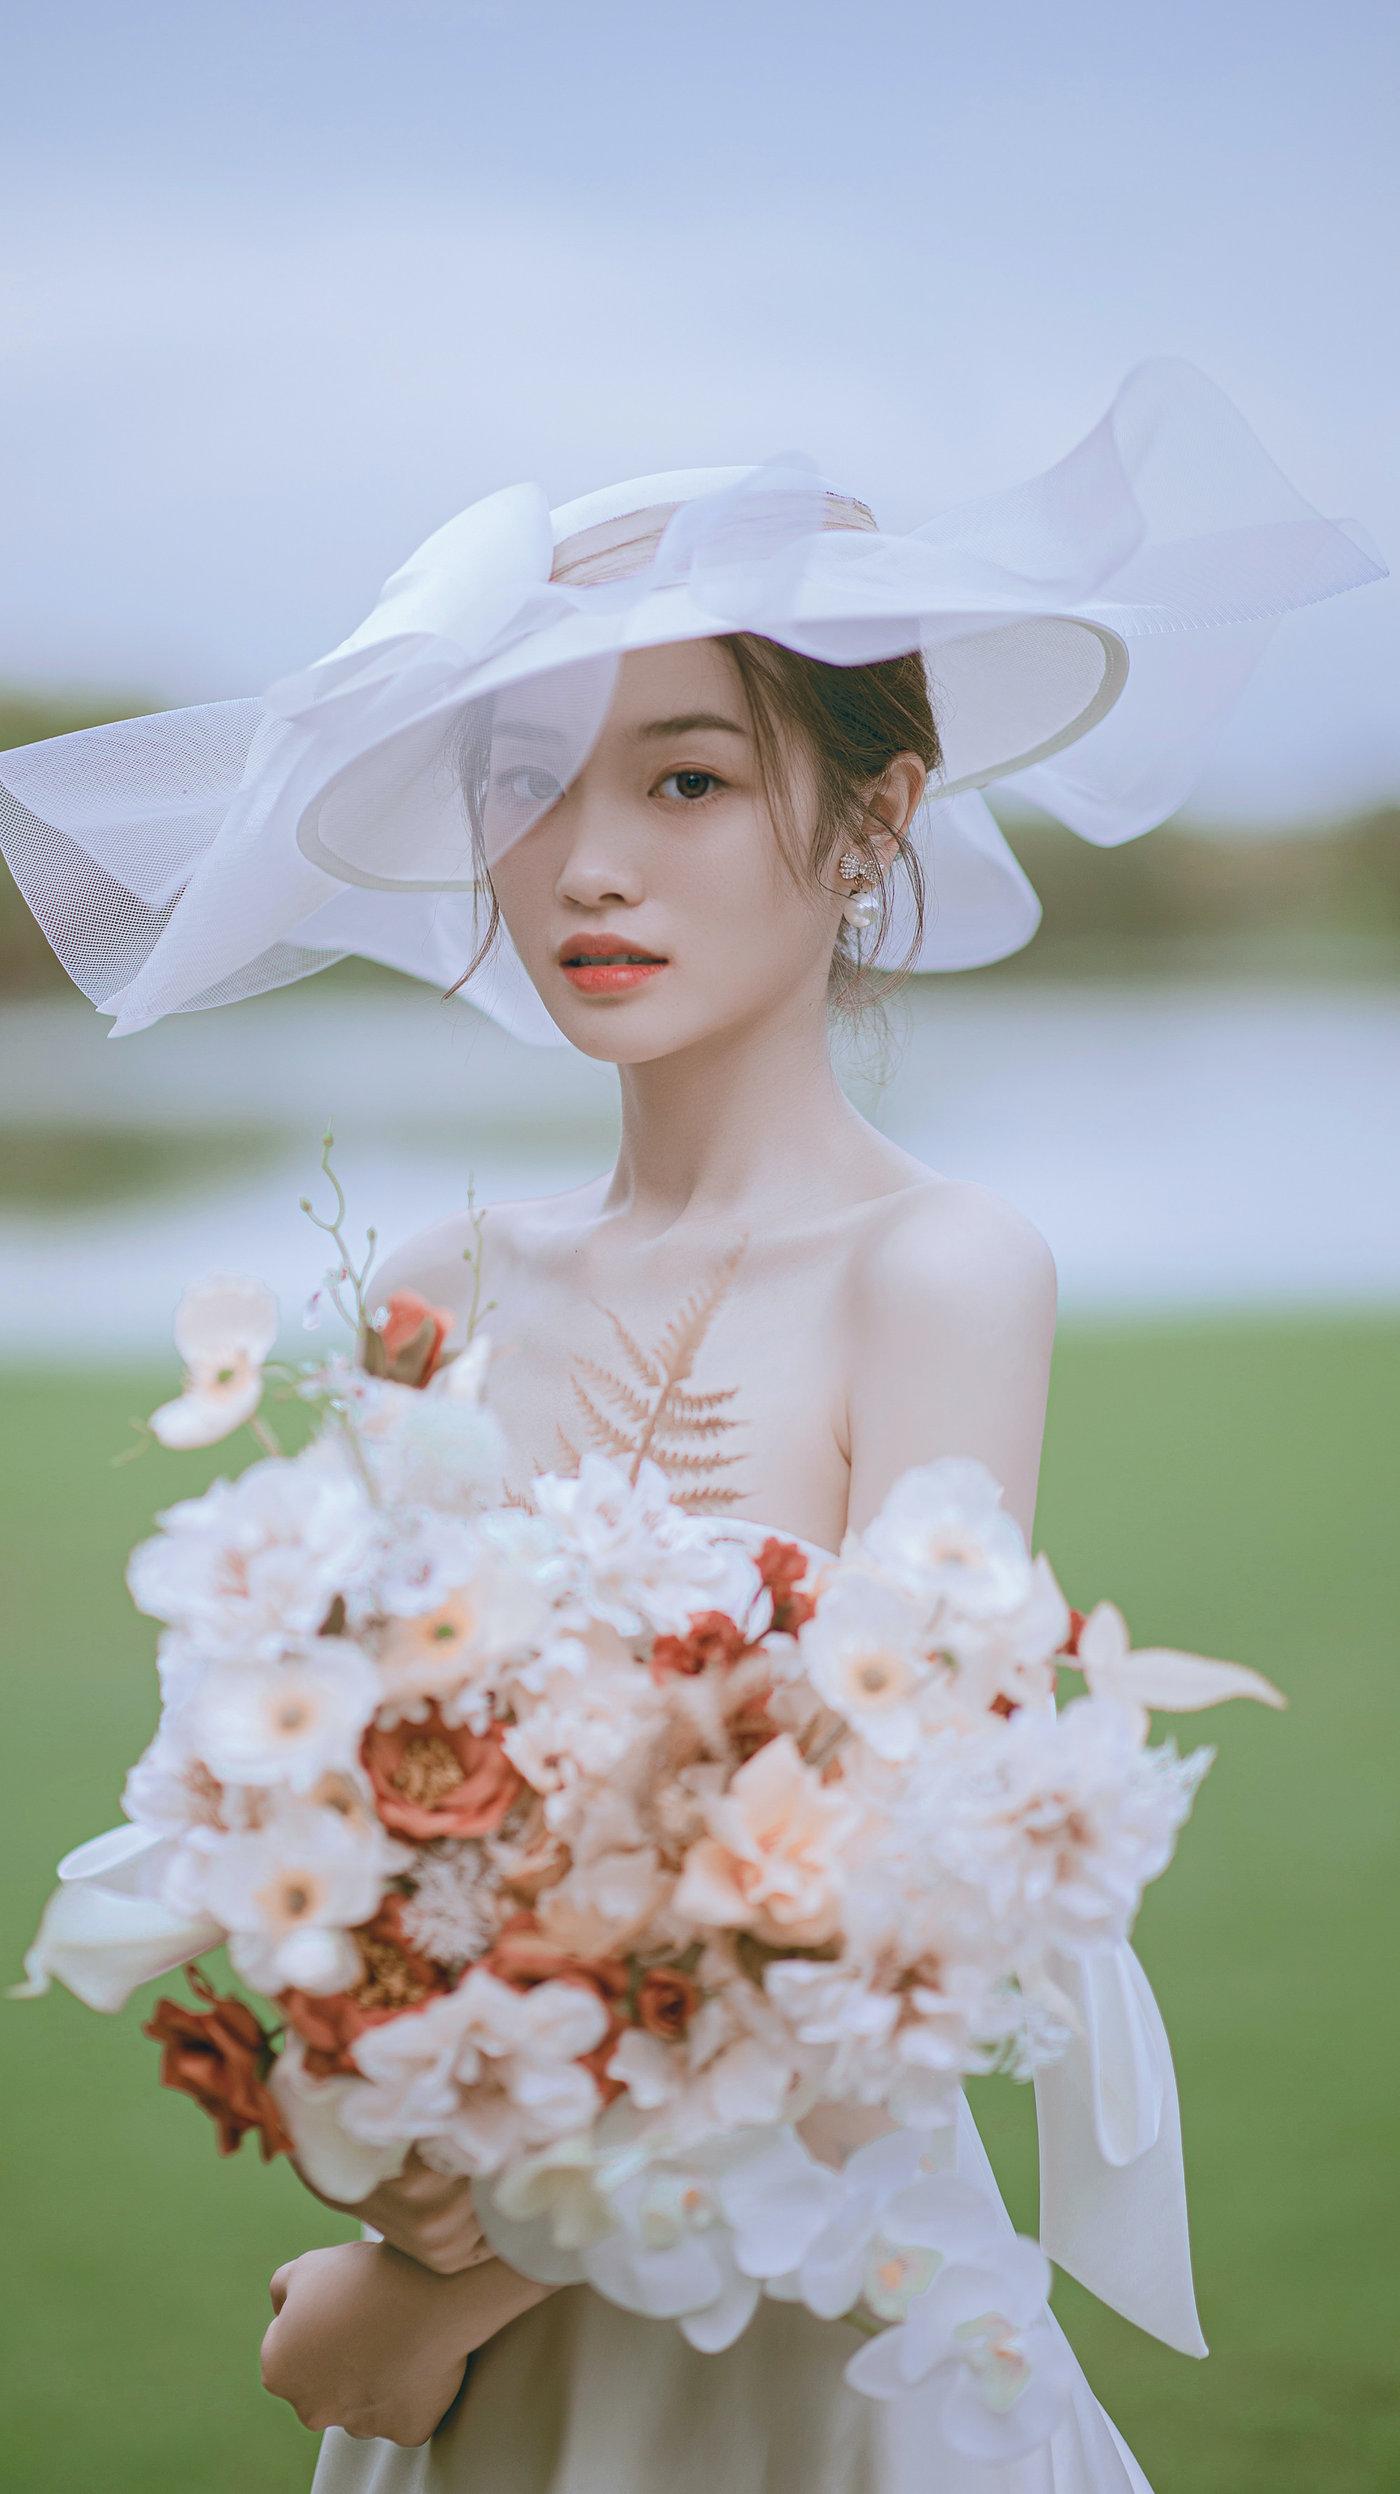 迪茵湖法式草坪婚纱照3